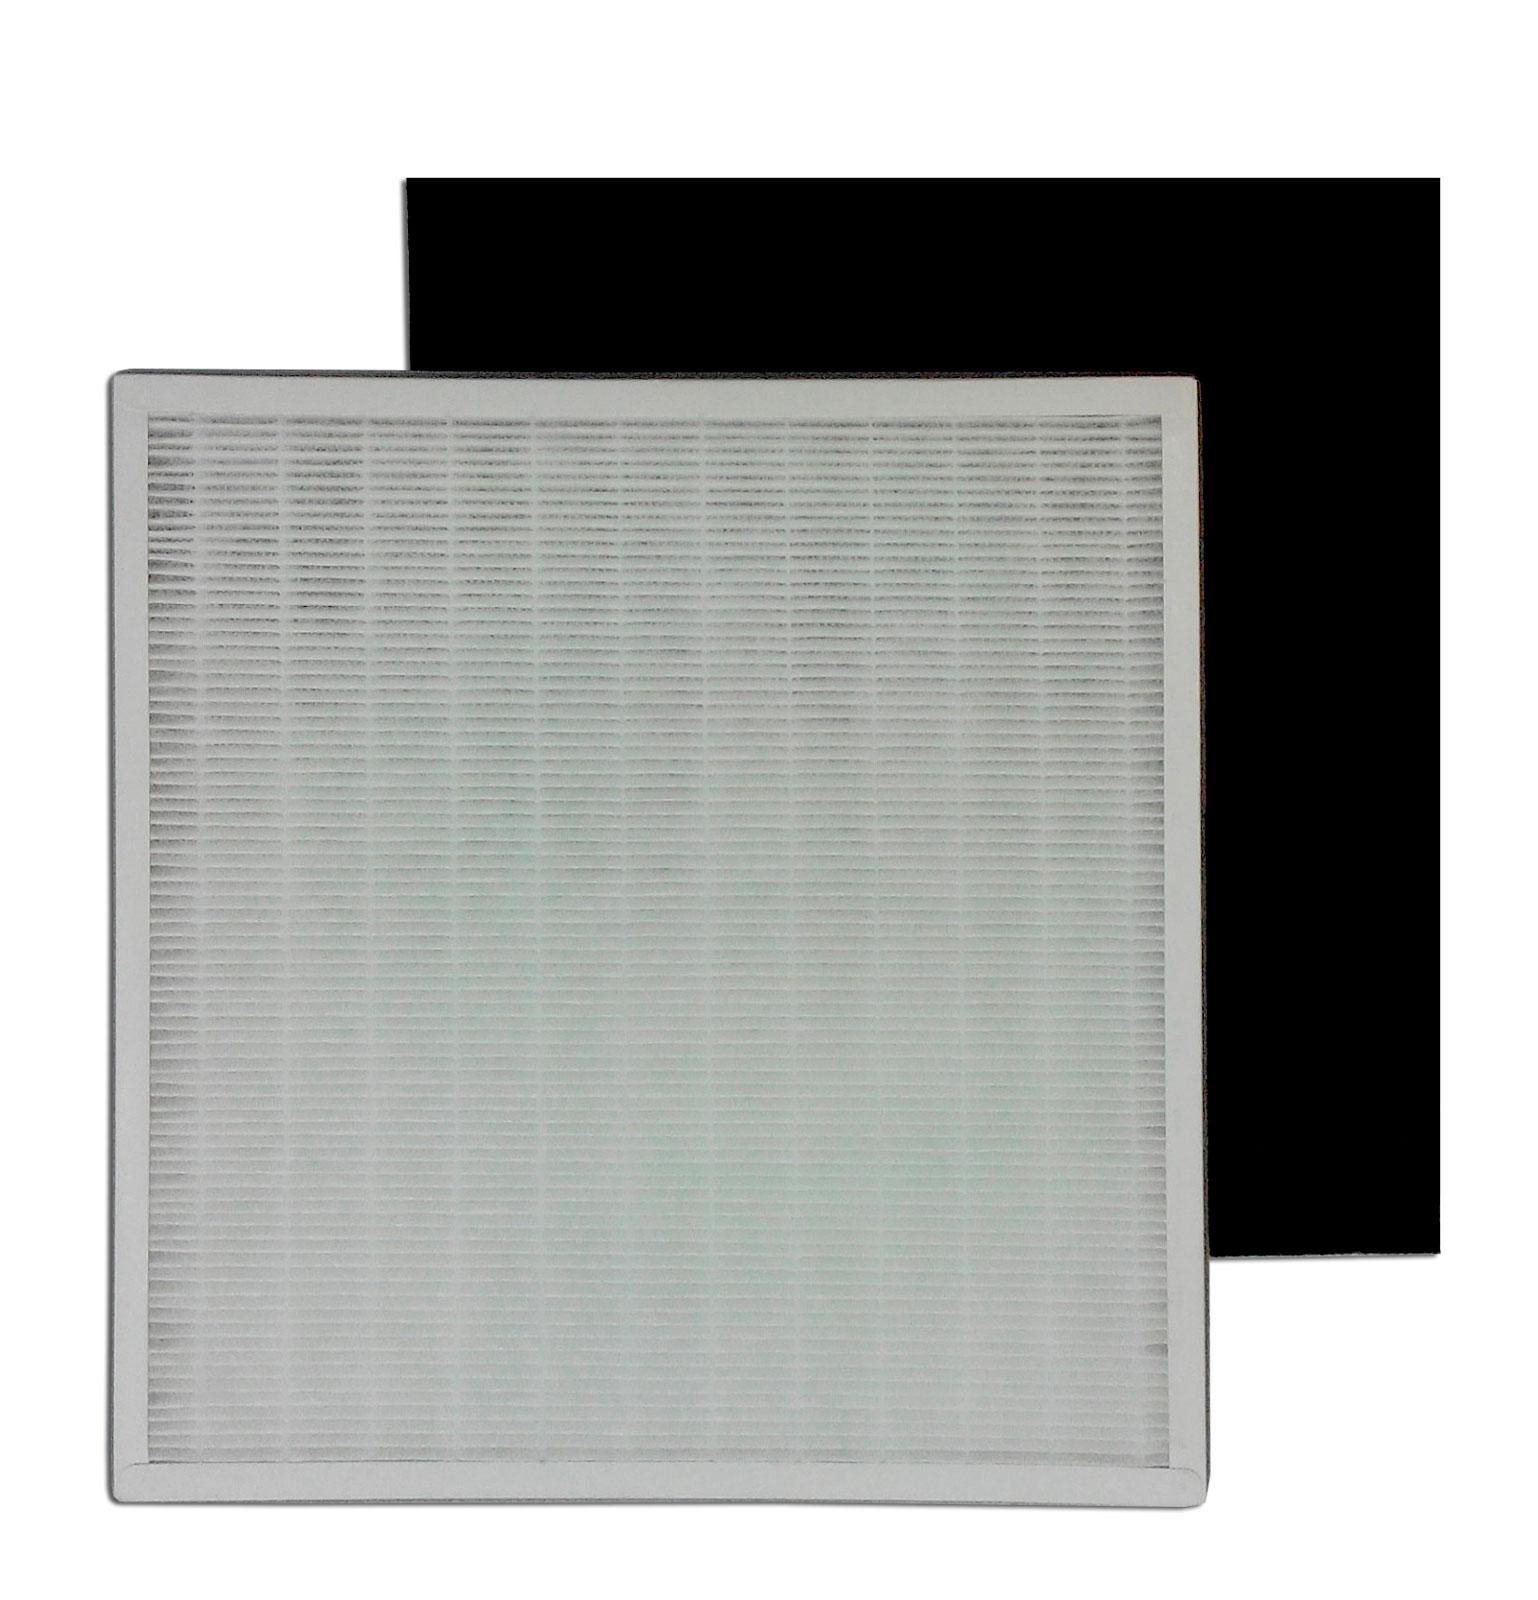 Фильтры (комплект) для AIC CF8500 увлажнители и очистители воздуха crane набор фильтров для очистителя воздуха